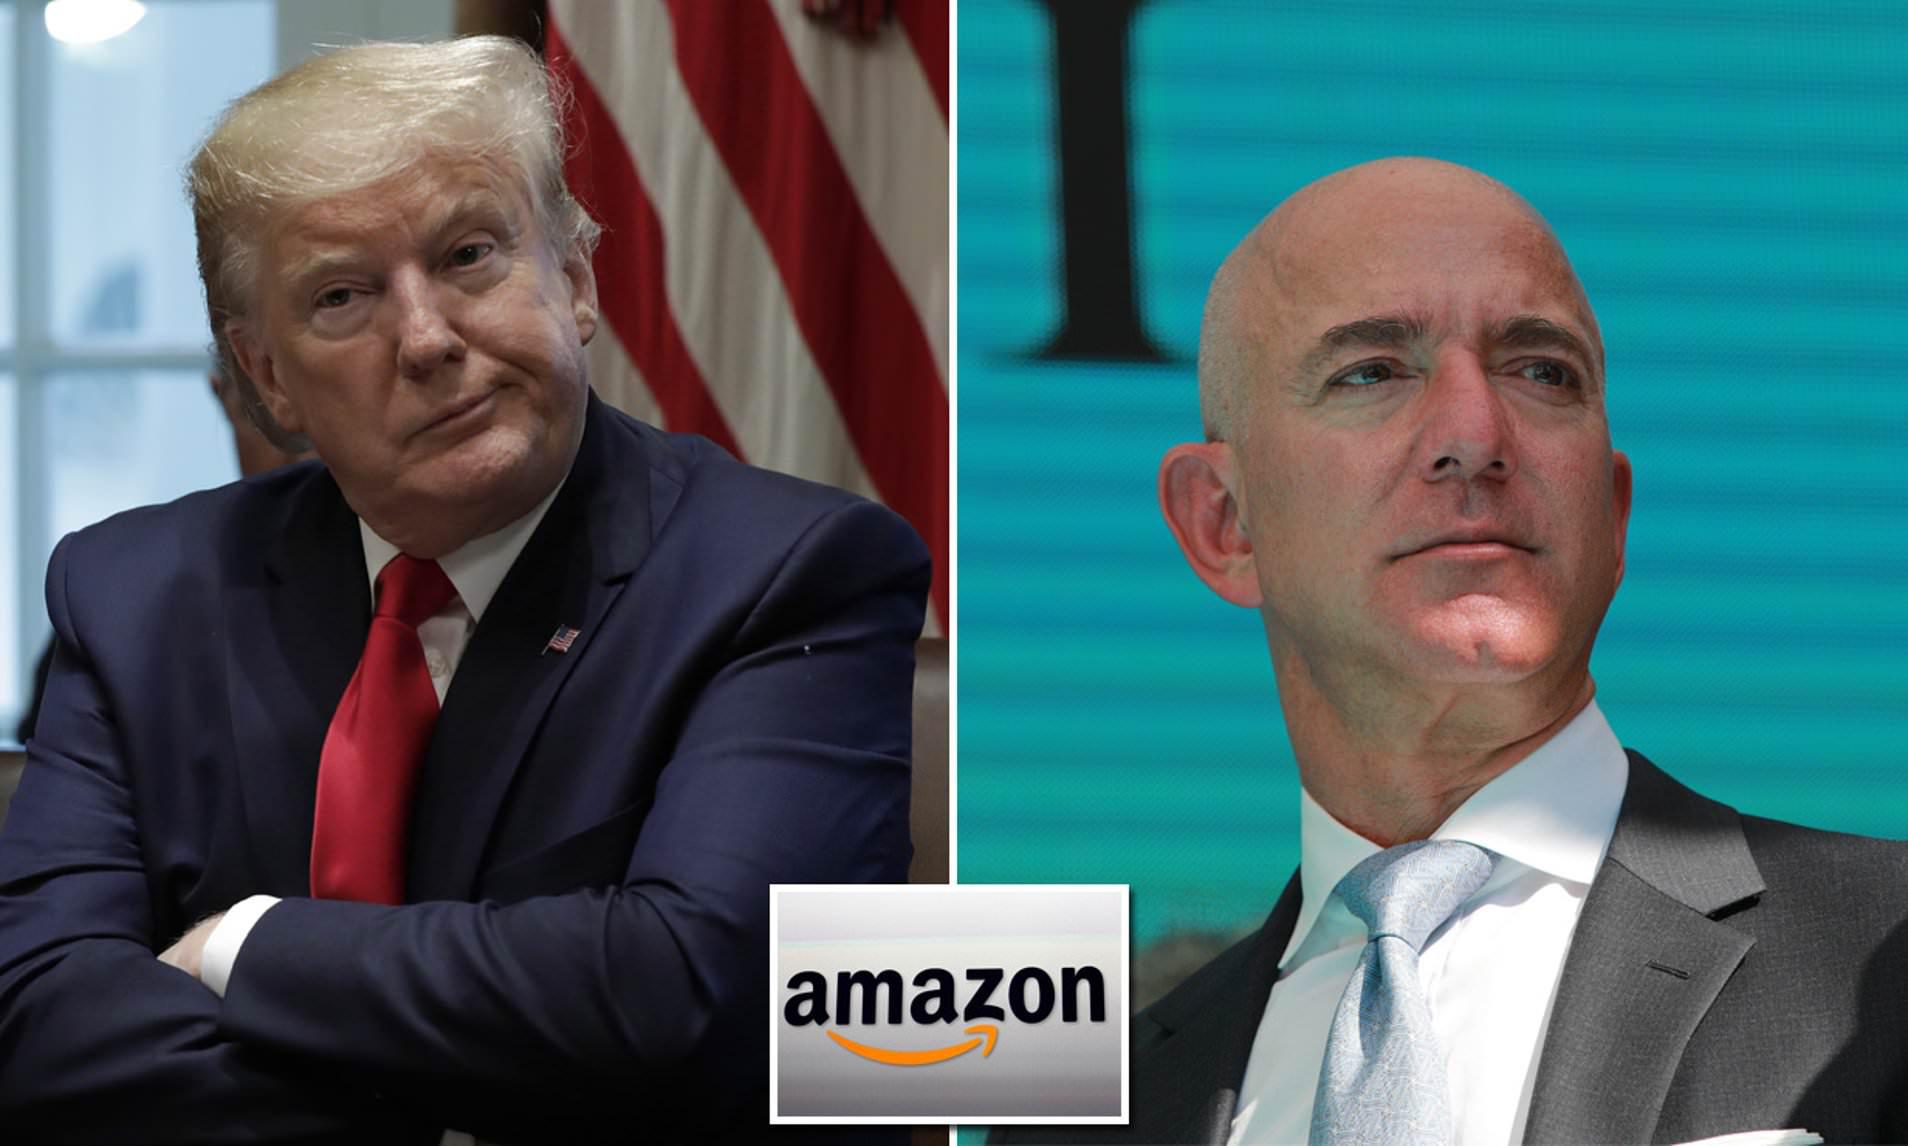 Amazon cáo buộc Bộ Quốc phòng Mỹ cố tình trao dự án 10 tỉ USD cho Microsoft - Ảnh 1.